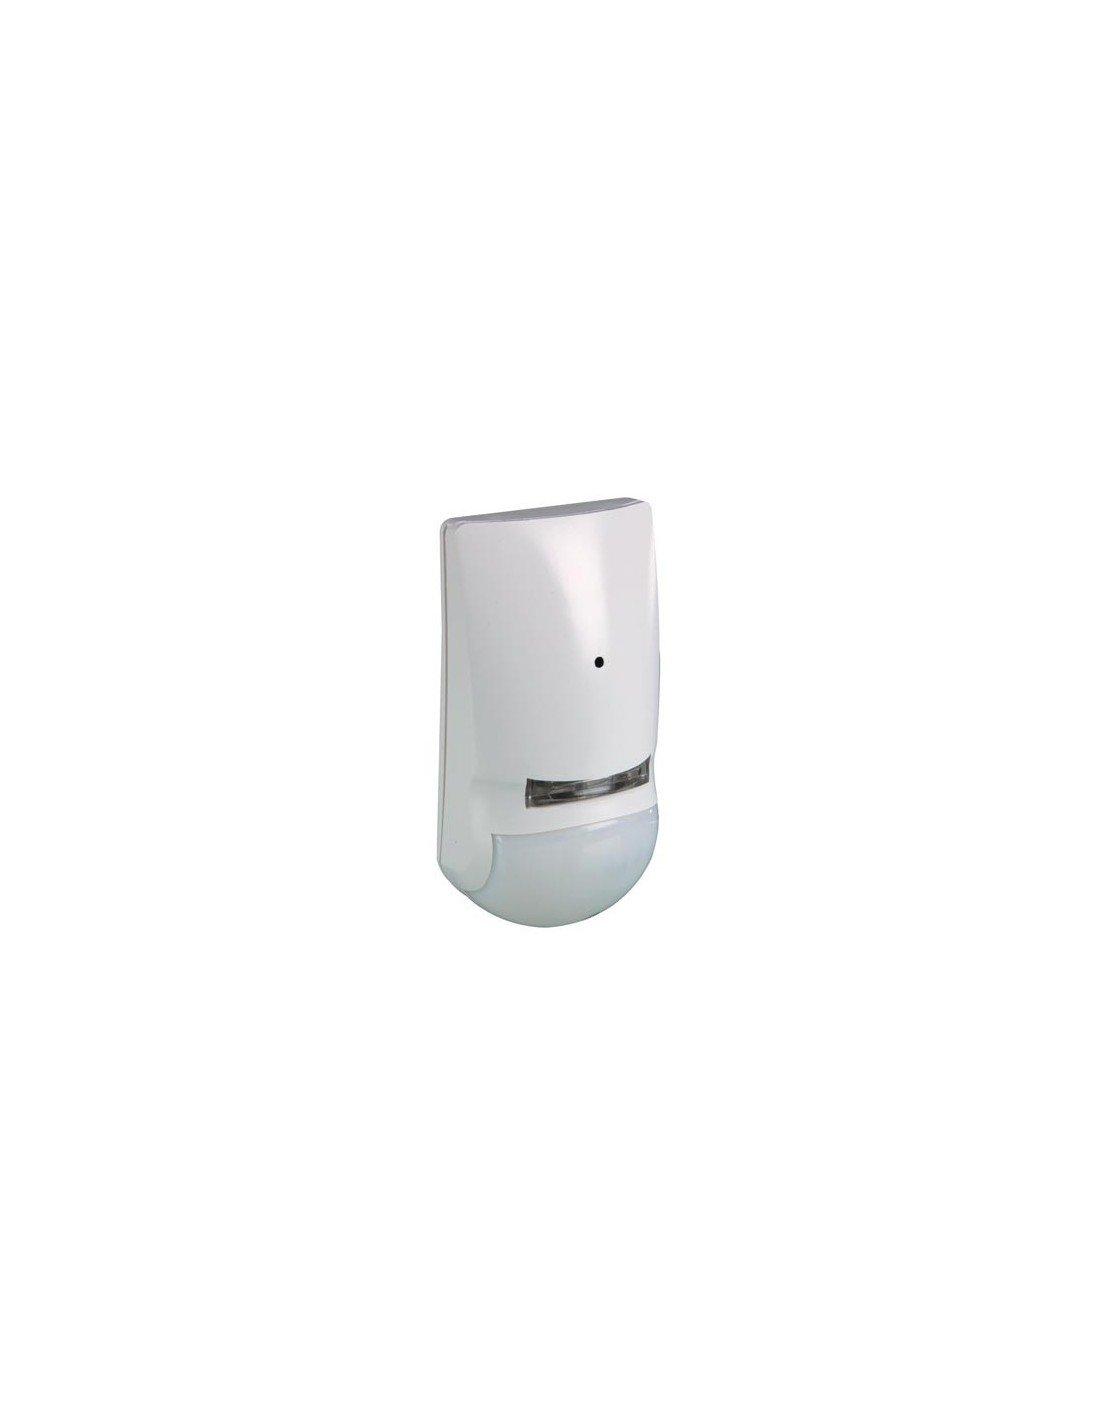 Velleman HAA55 - Detector de rotura de cristal con sensor de Pir, multicolor: Amazon.es: Bricolaje y herramientas